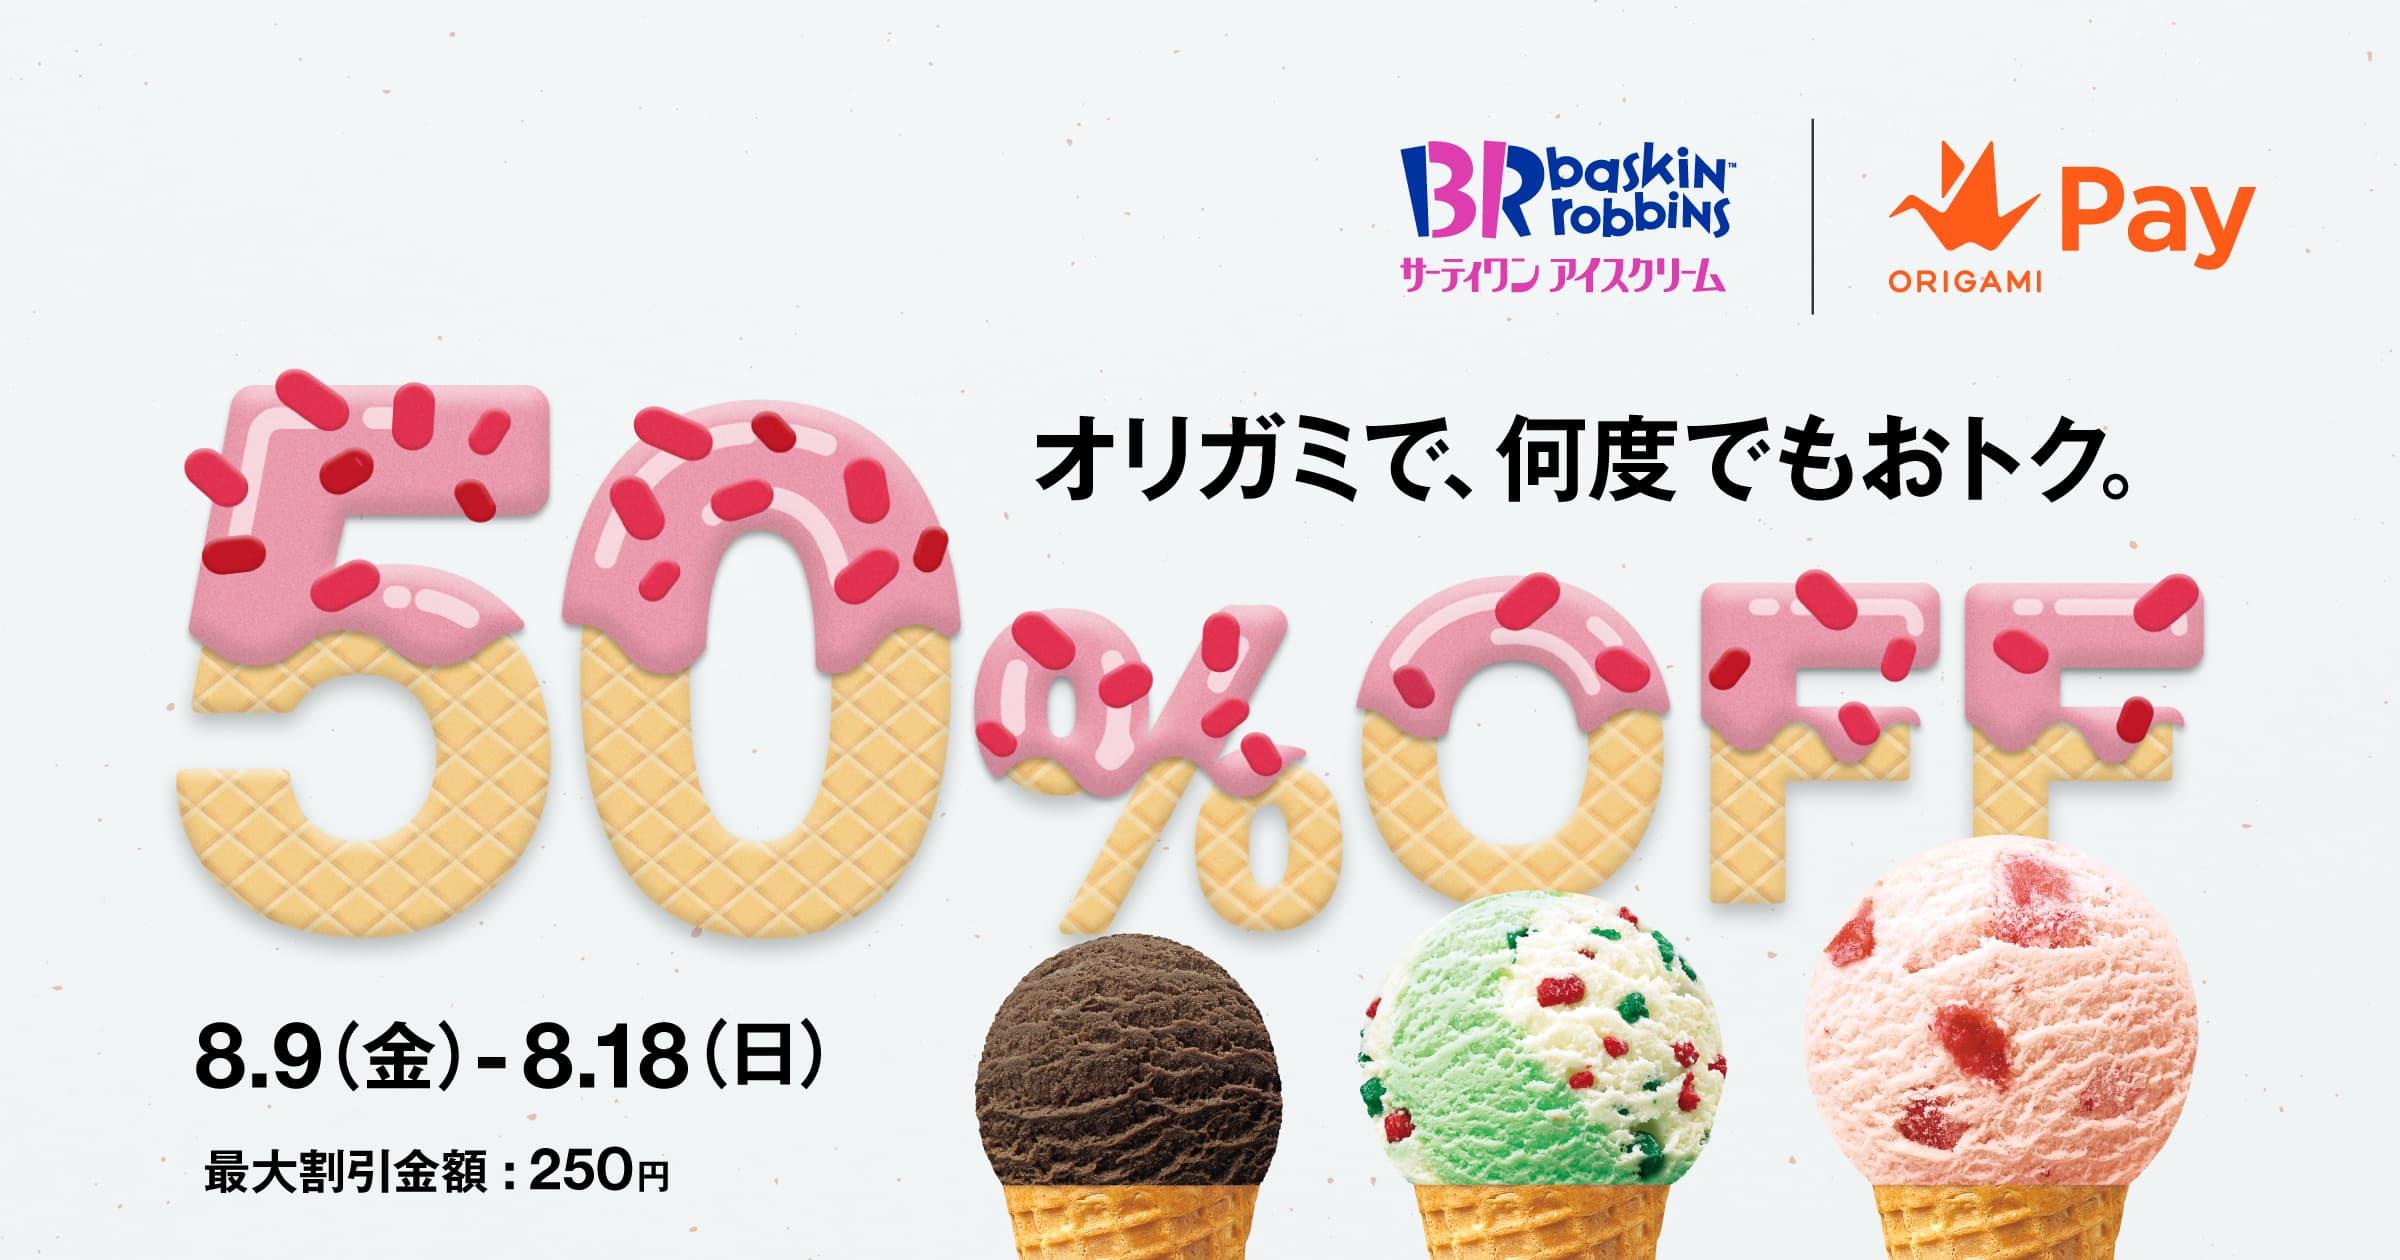 OrigamiPayがサーティワン アイスクリームのレギュラーシングルが何度でも半額となるクーポンを配信予定。8/9~8/18。